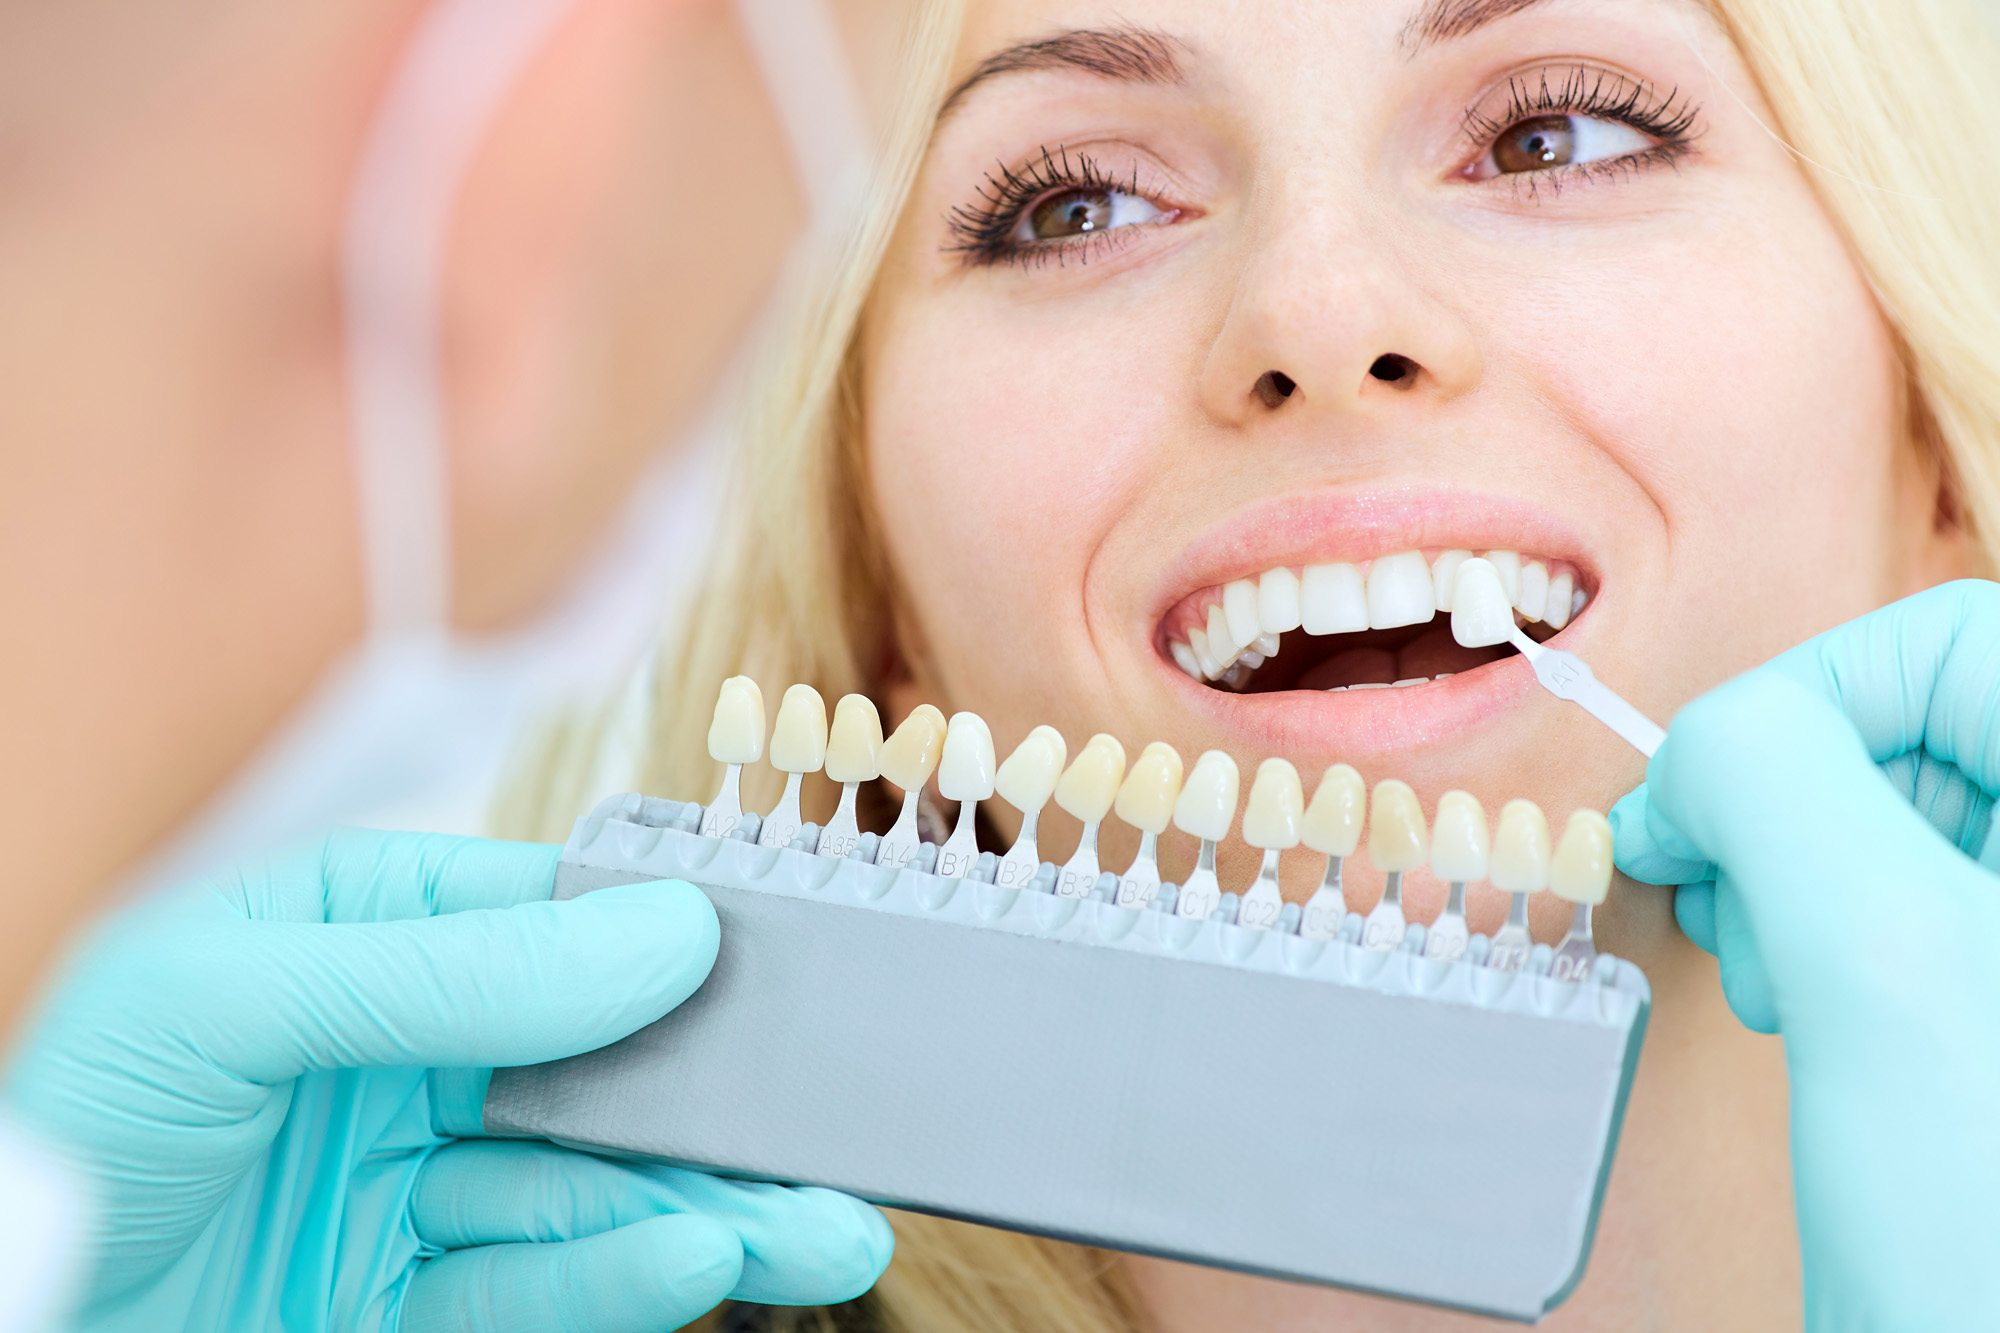 https://dentalopolis.com/wp-content/uploads/2018/02/Teeth-Whitening.jpg